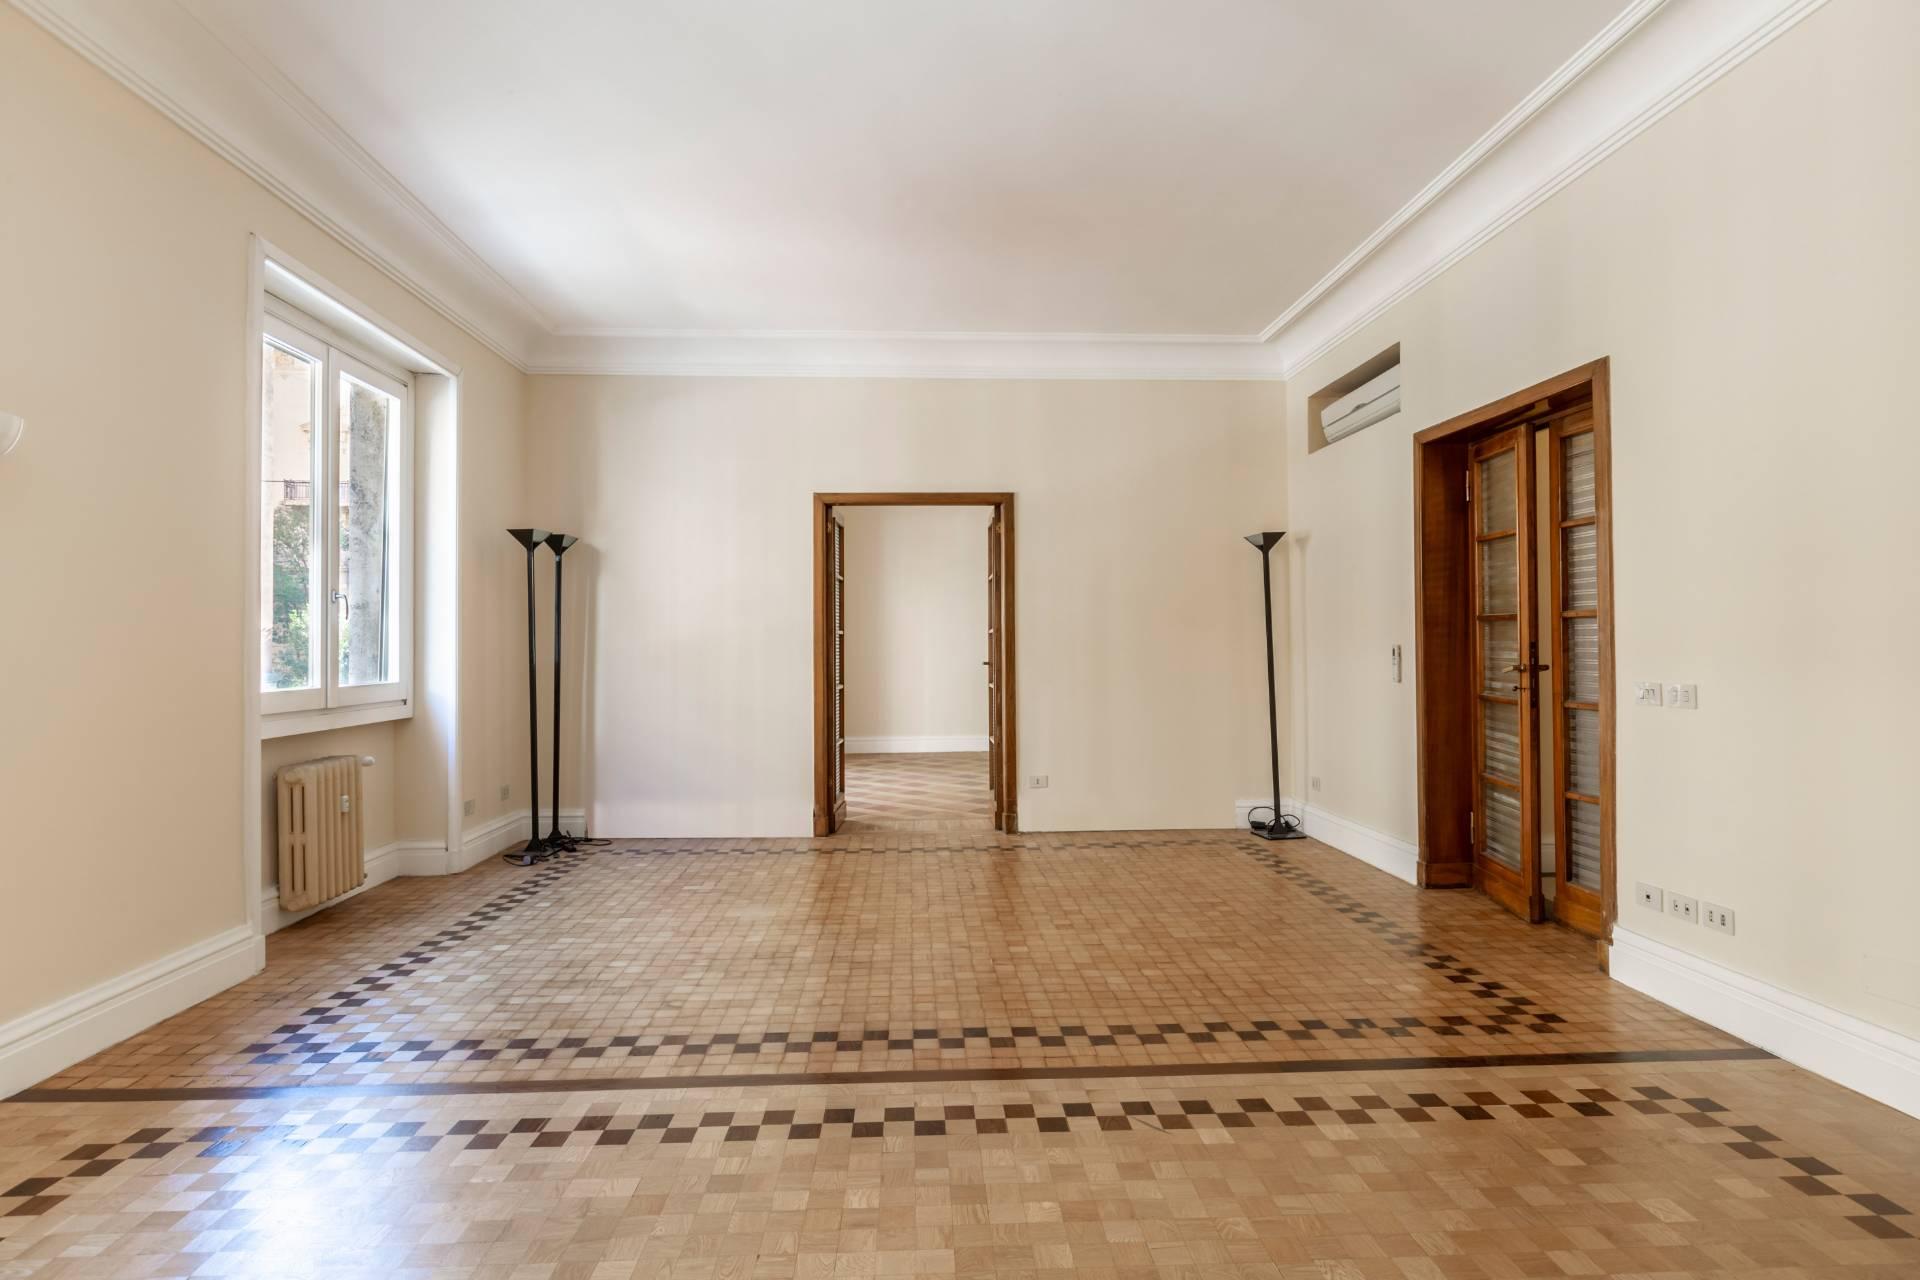 Appartamento in vendita a Roma, 6 locali, zona Zona: 2 . Flaminio, Parioli, Pinciano, Villa Borghese, prezzo € 1.150.000 | CambioCasa.it